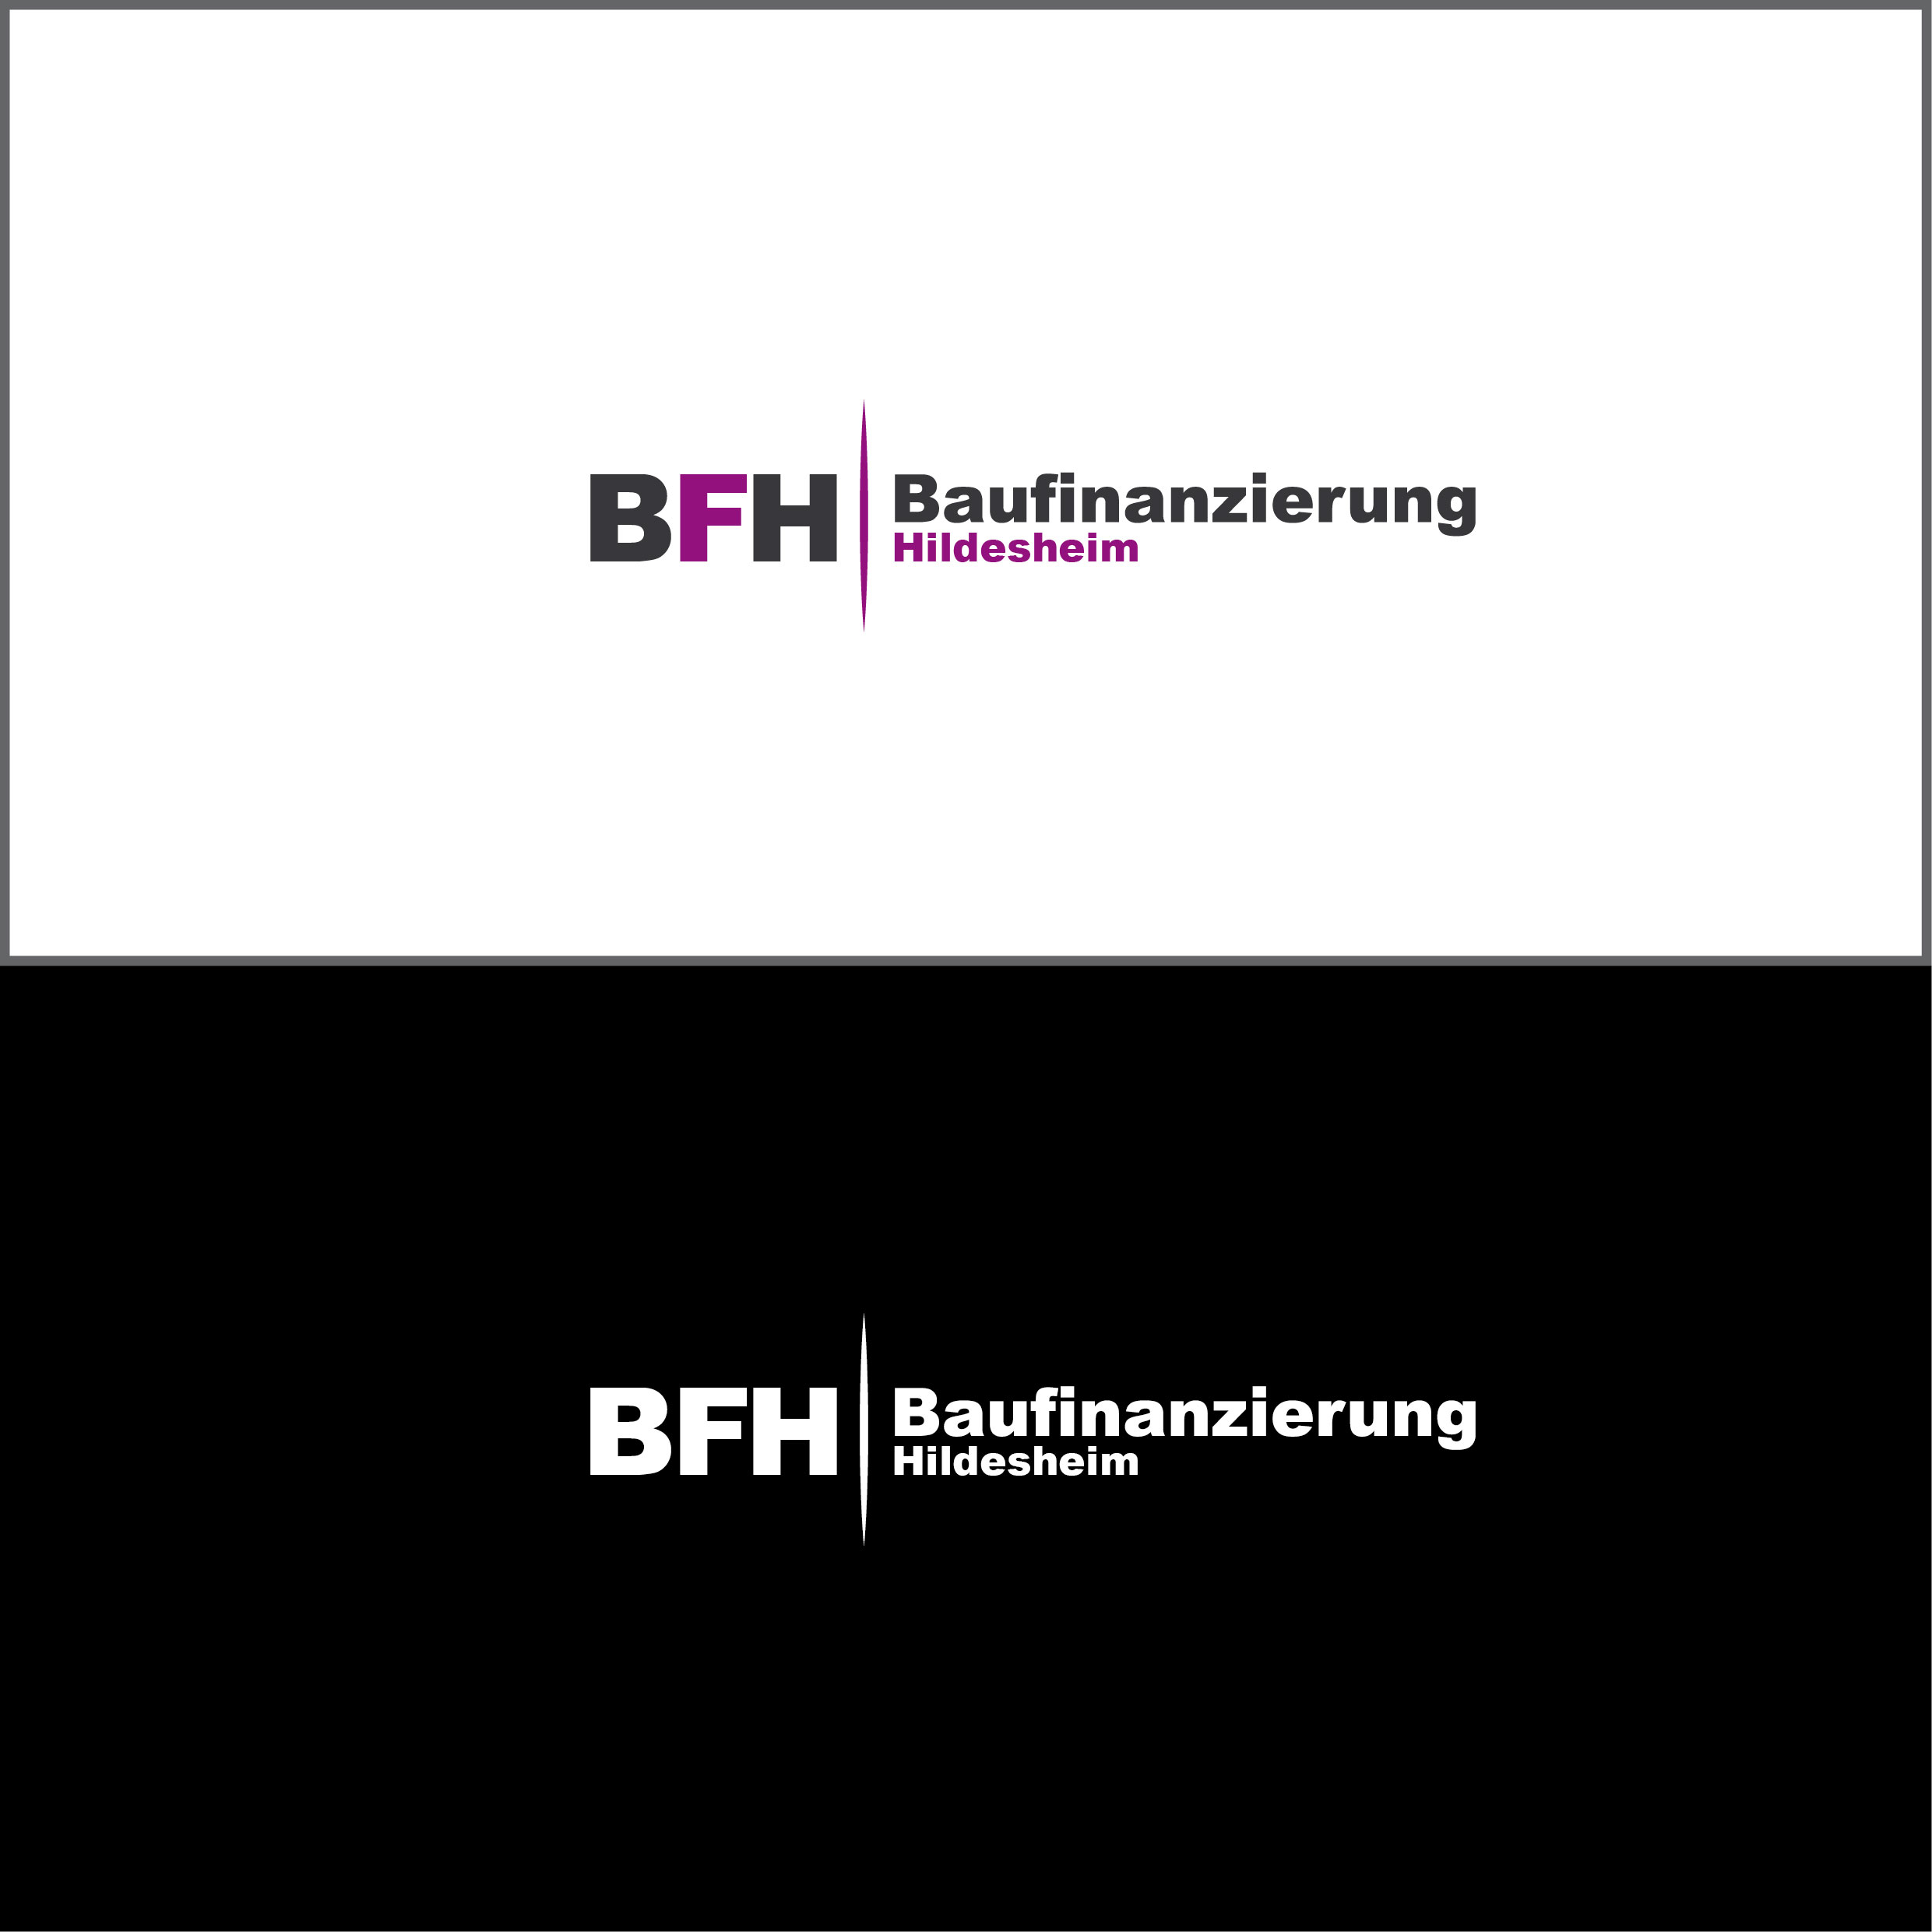 Logo-Design für Baufinanzierung